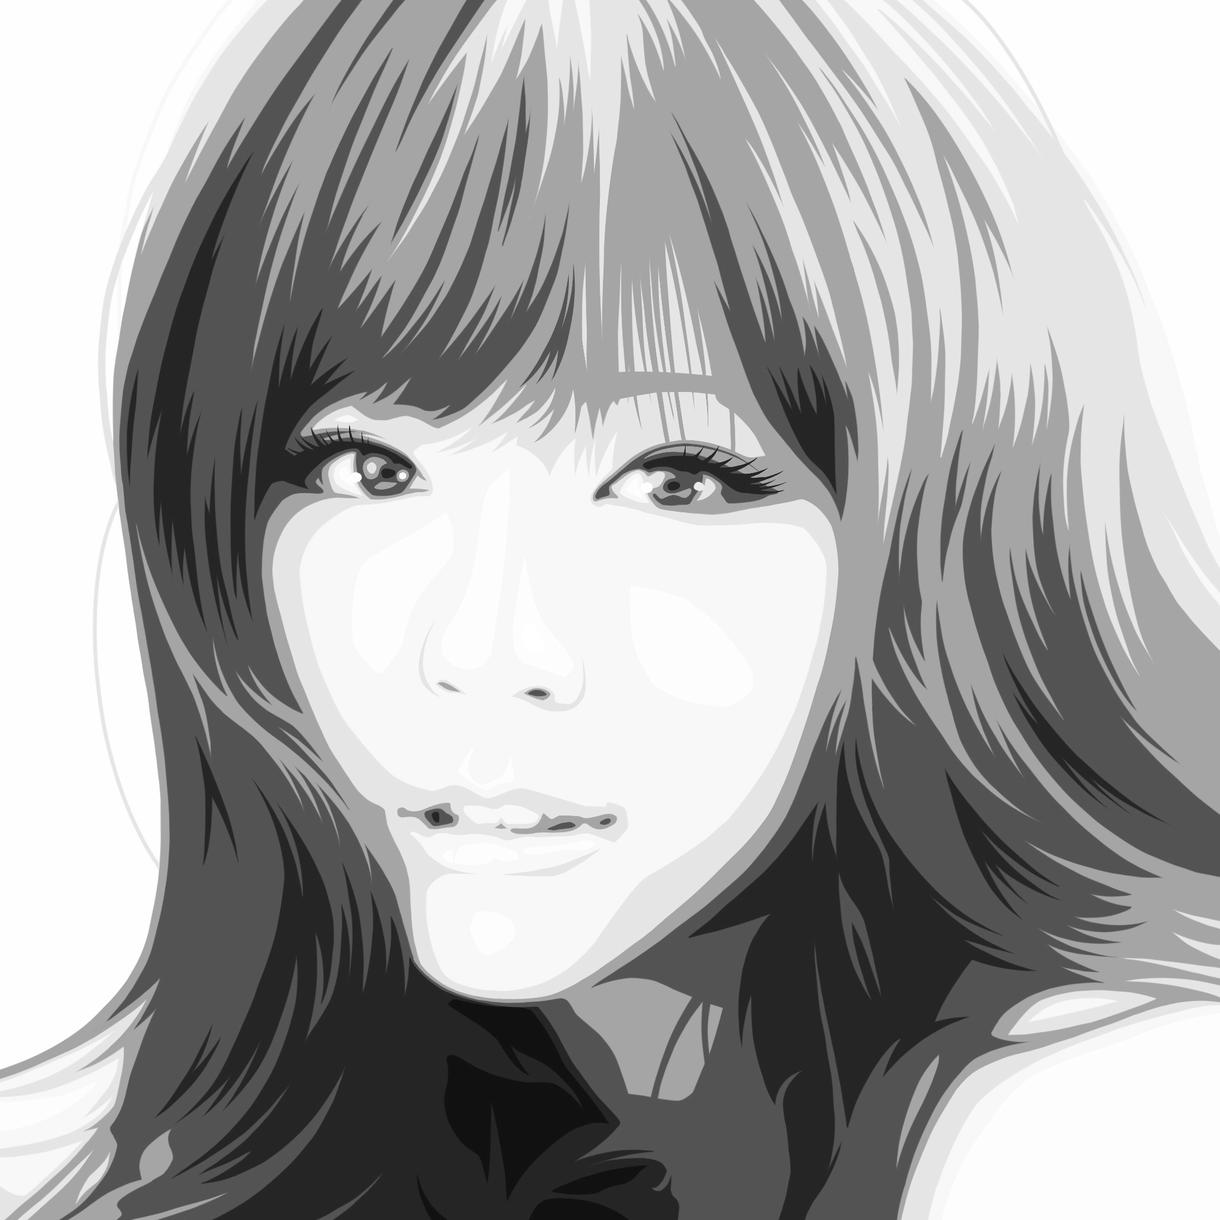 似顔絵をおしゃれなアートに仕上げます おしゃれ似顔絵アートでさらに美しく。 イメージ1